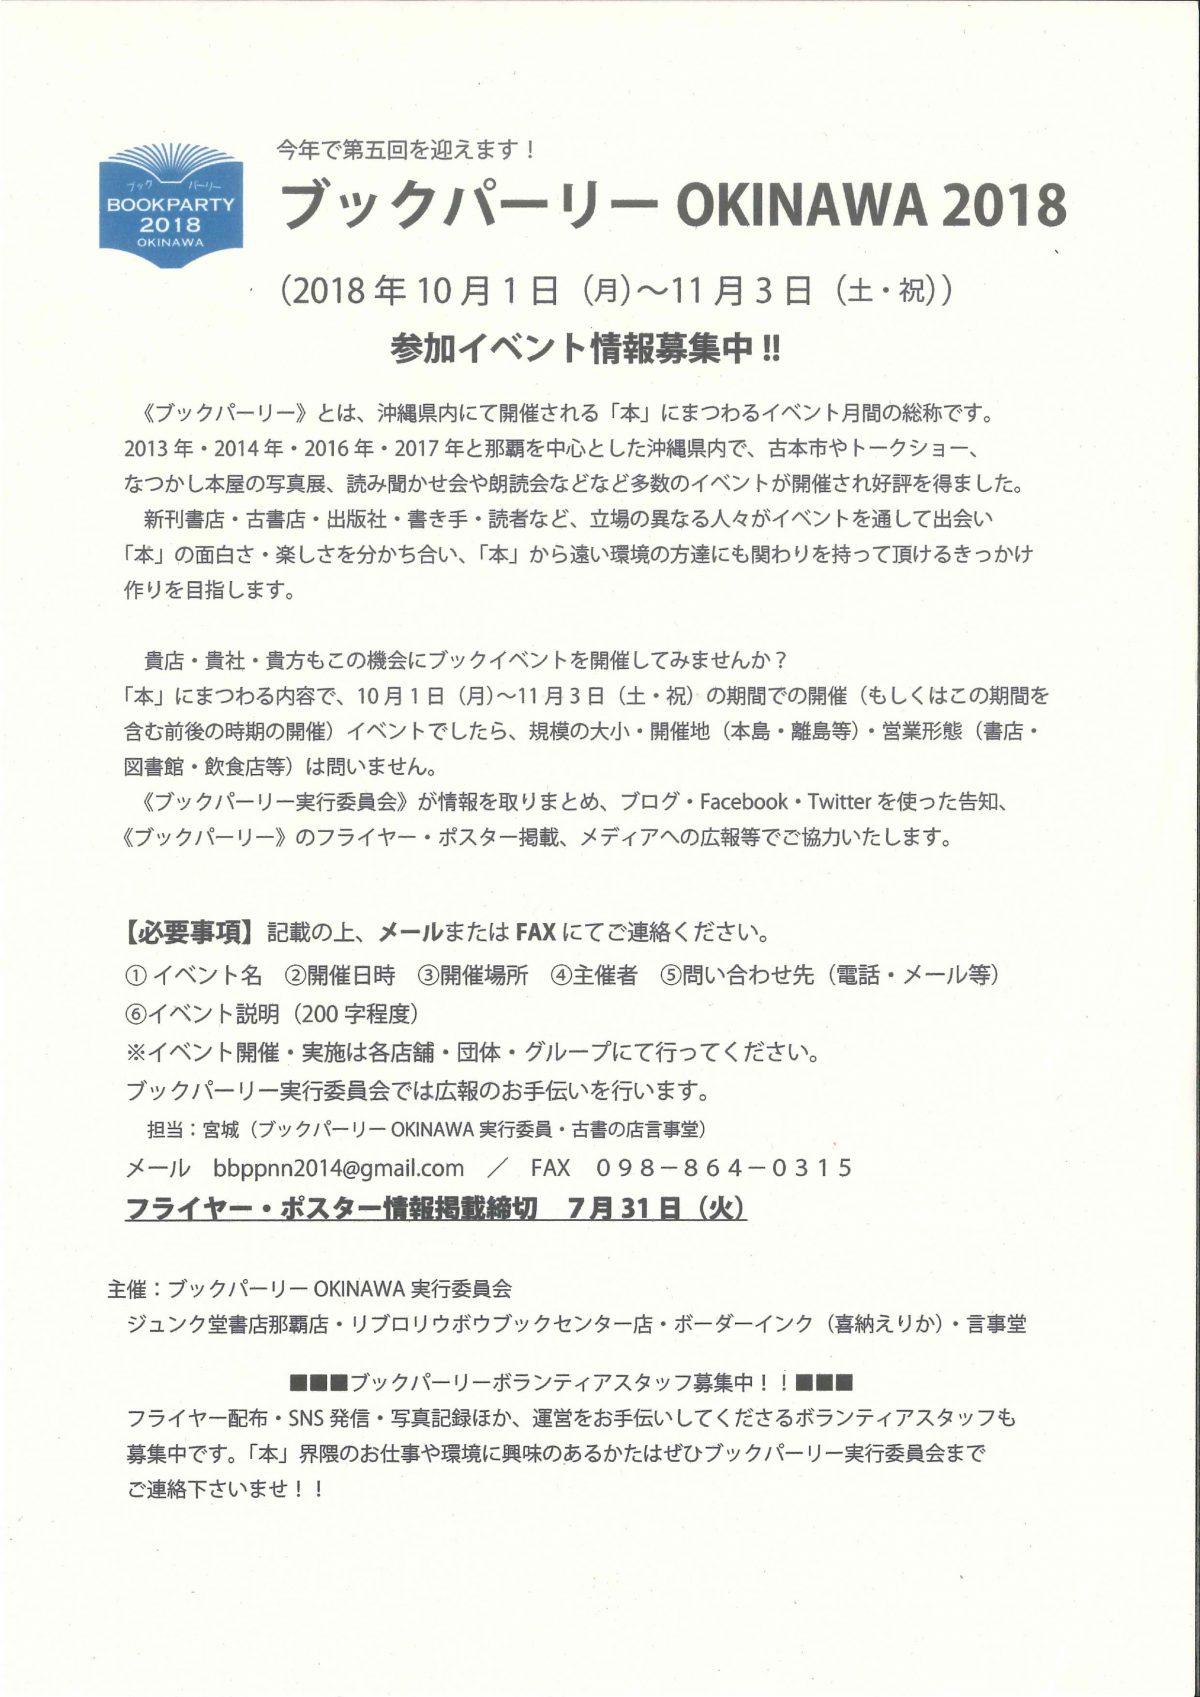 ブックパーリーOKINAWA2018参加イベント時情報募集中!